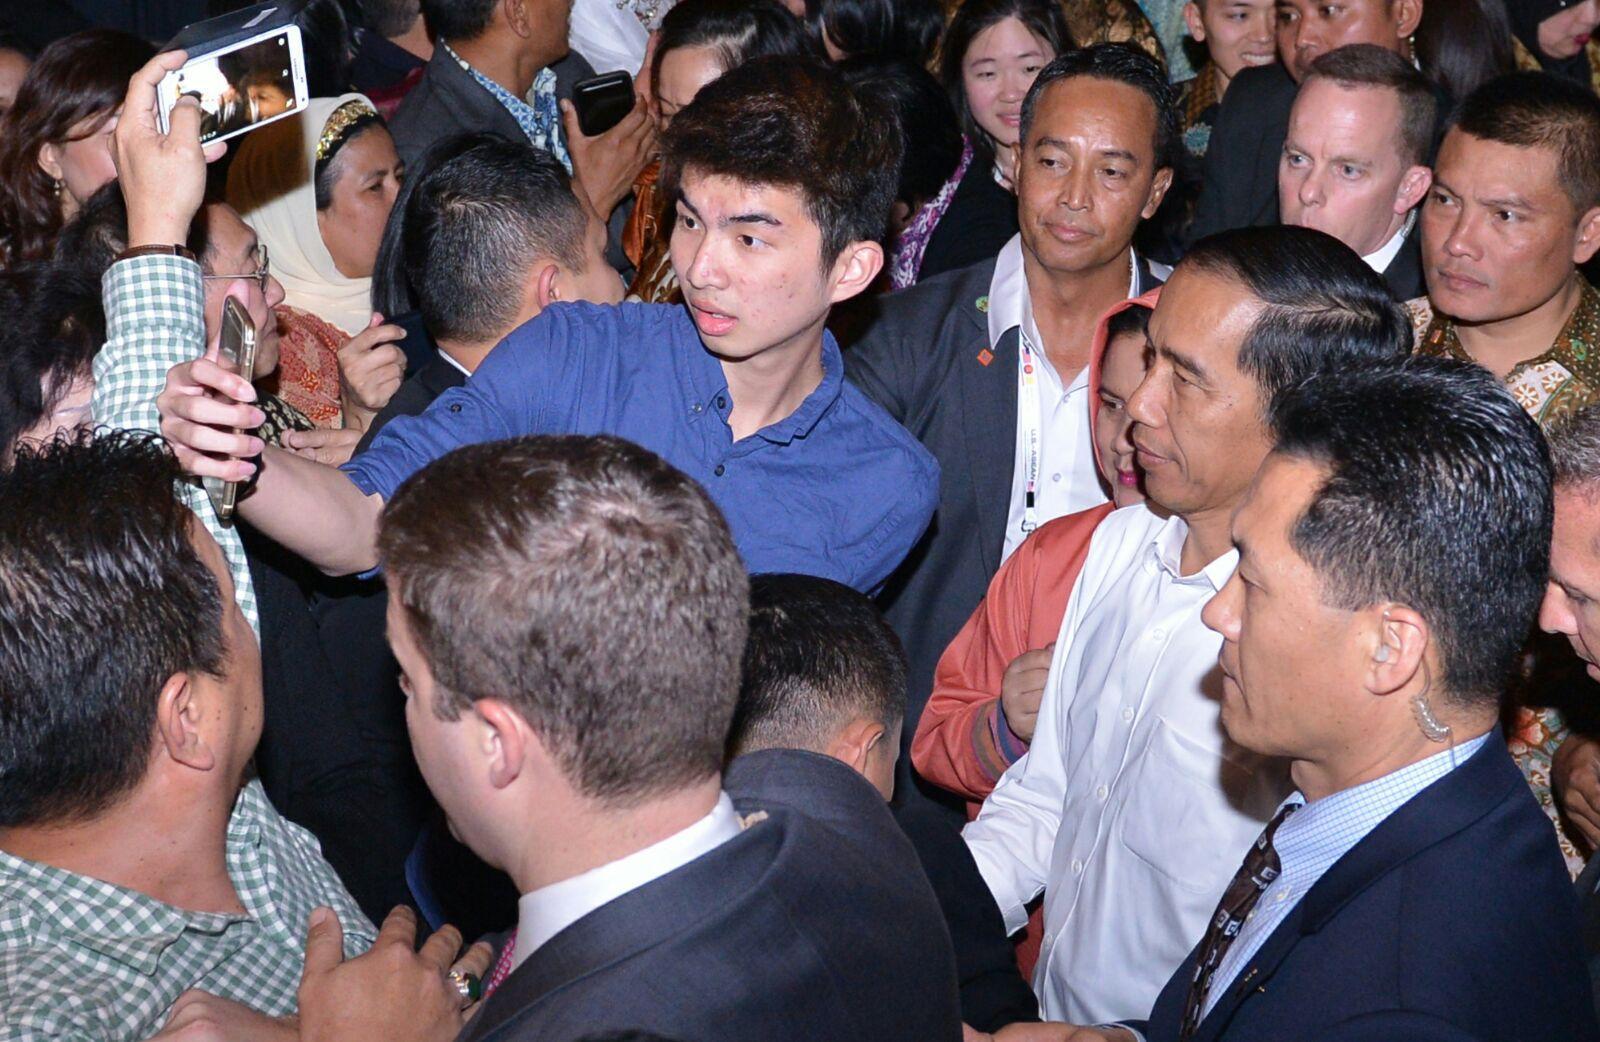 Saat para peserta pertemuan berfoto bersama Presiden Jokowi di San Fransisco.